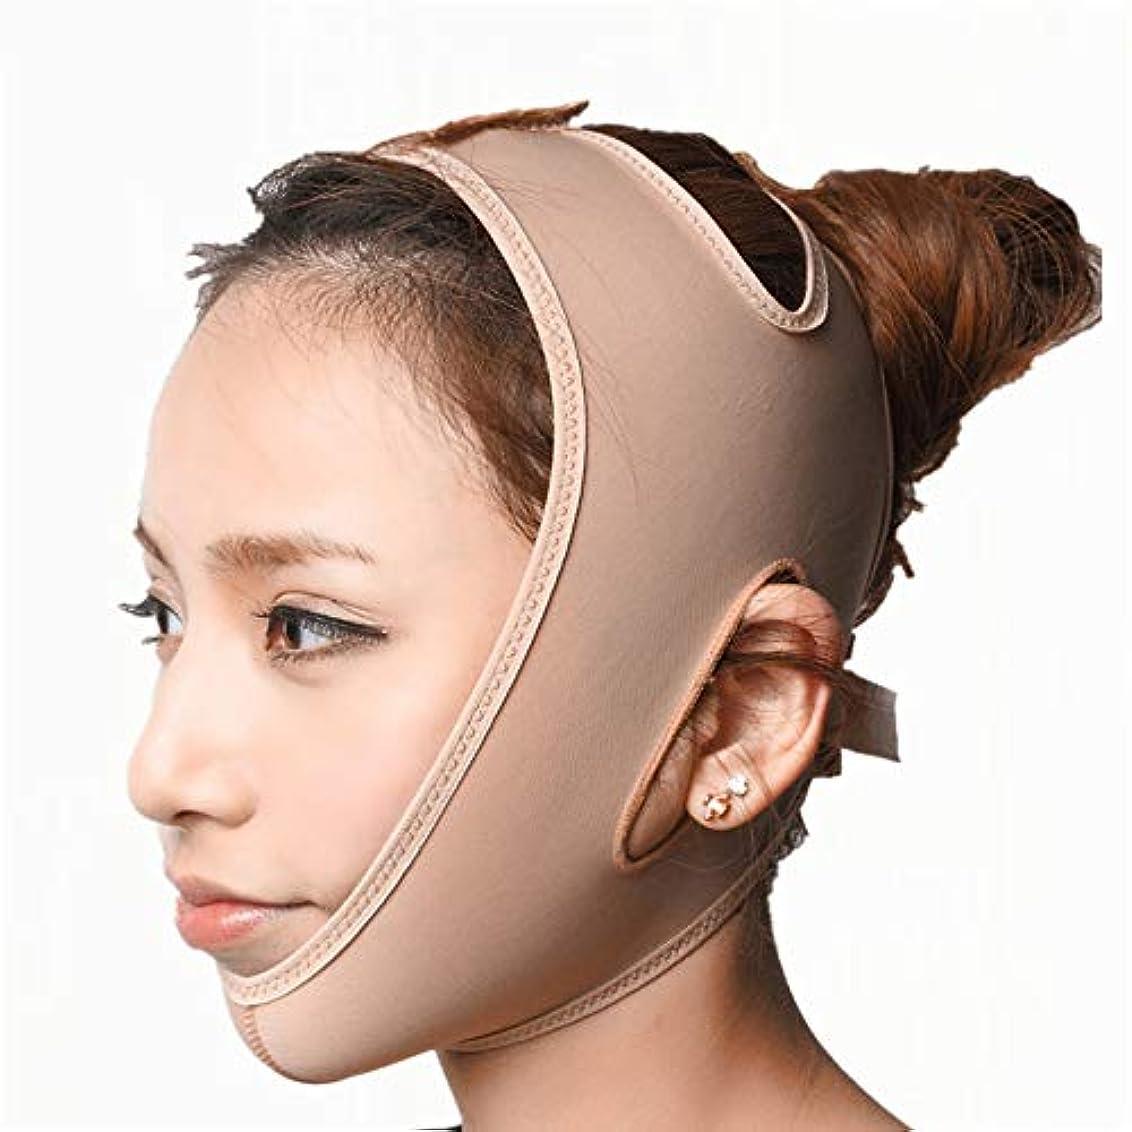 XINGZHE 顔の持ち上がる痩身ベルト - アンチエイジングリンクルフェイスマスクベルトシンフェイス包帯整形マスクは顔と首を締めますフェイススリム フェイスリフティングベルト (サイズ さいず : XL)